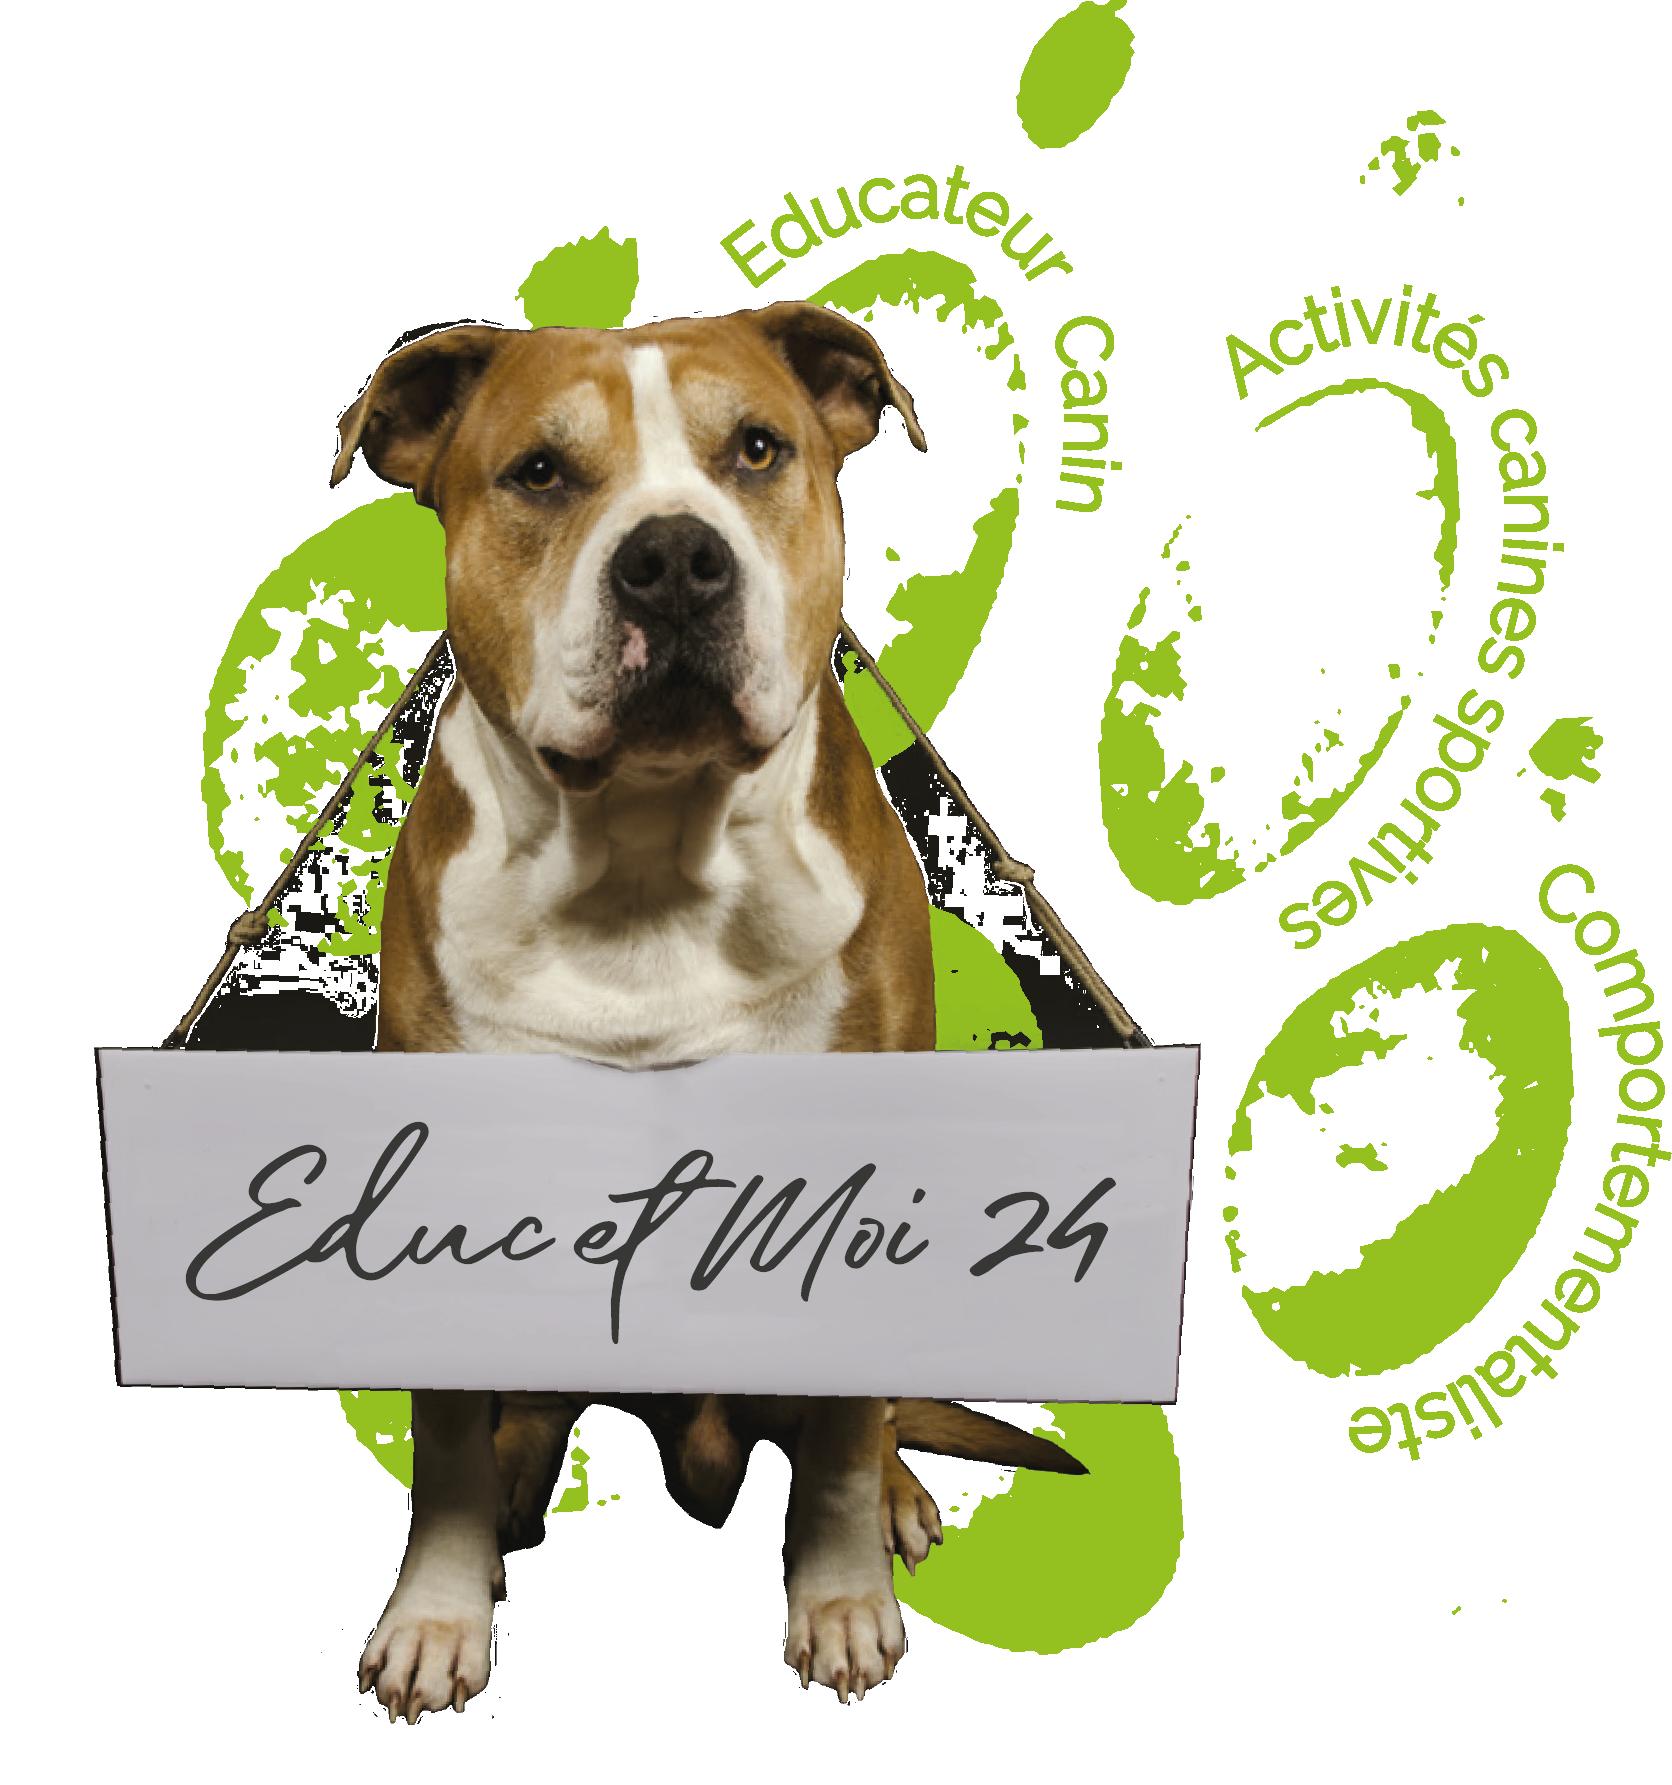 éducateur canin en Dordogne, comportementaliste pour chien - Educ et moi 24